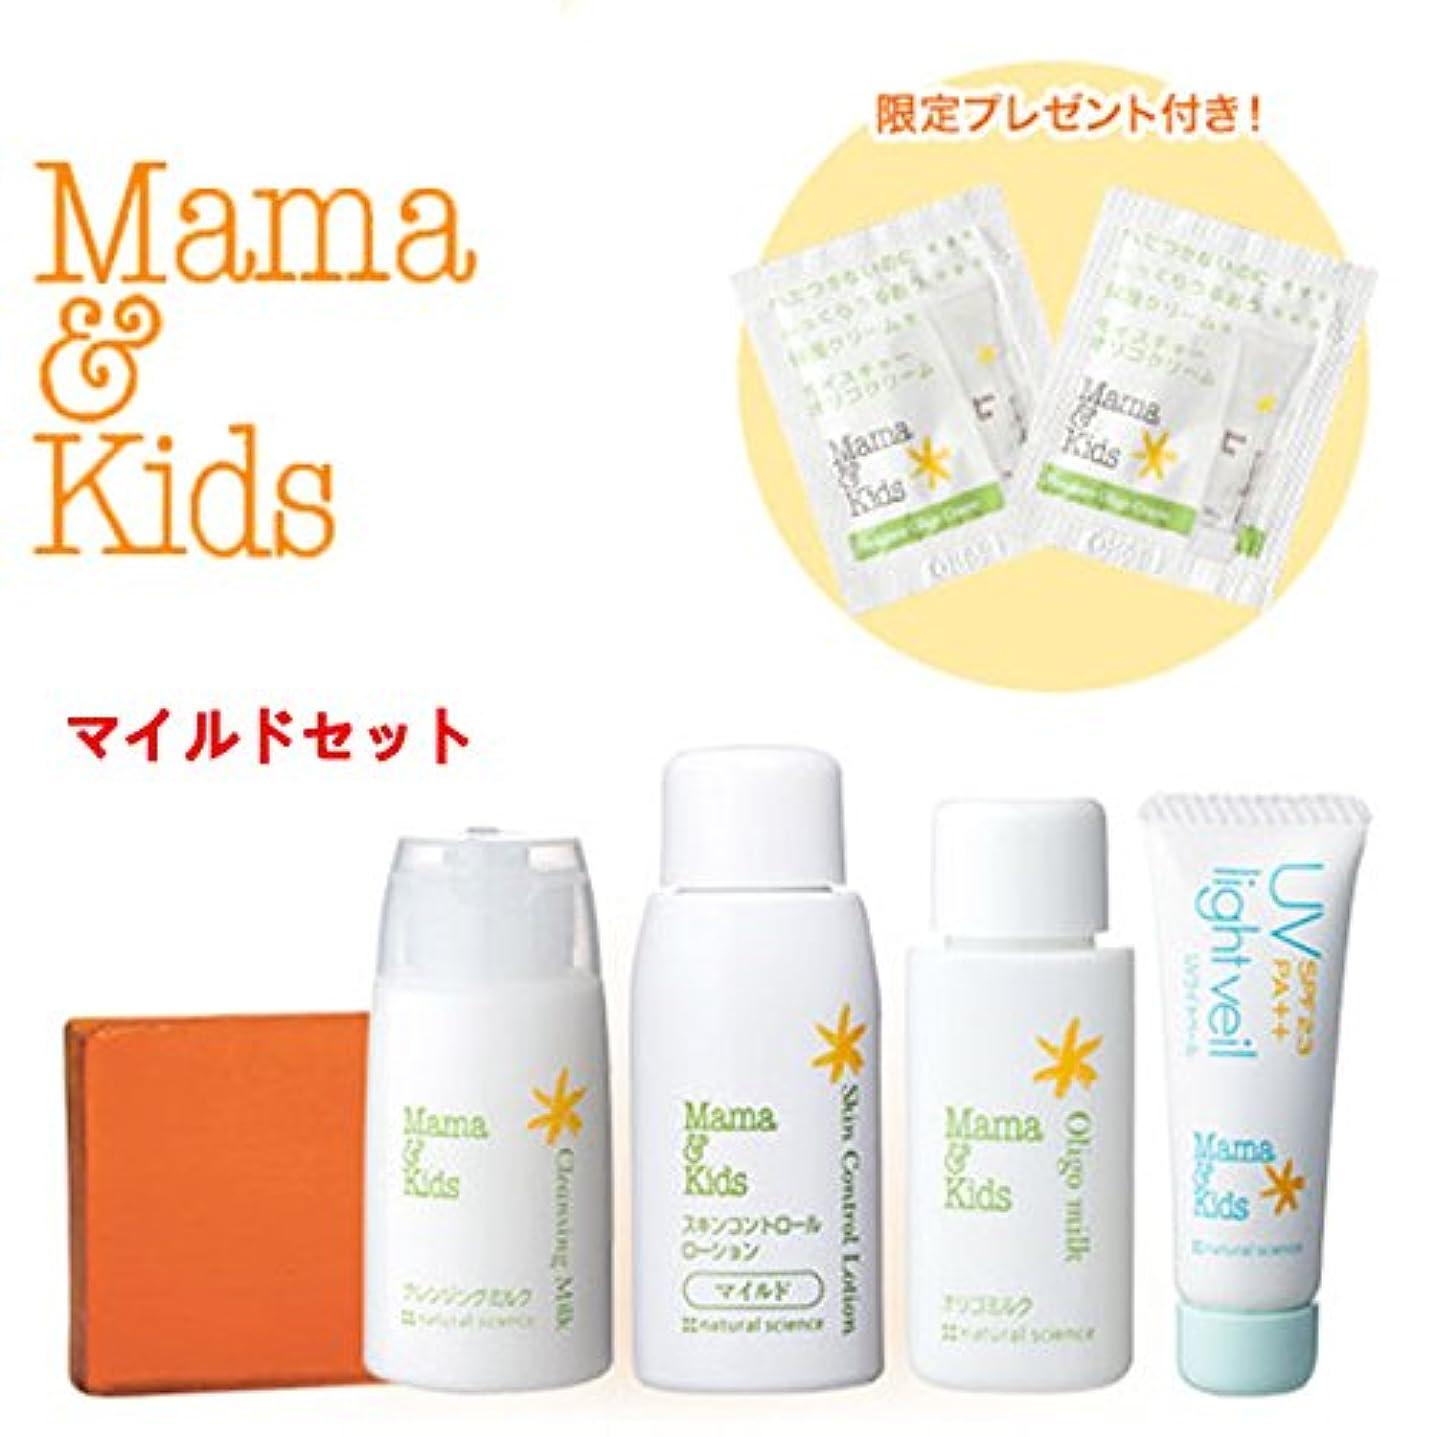 退却全体スリルママ&キッズぷるぷるお肌トライアルセット(マイルド)/Mama&Kids SkinCare Travel set/孕期基础护肤试用装普通保湿